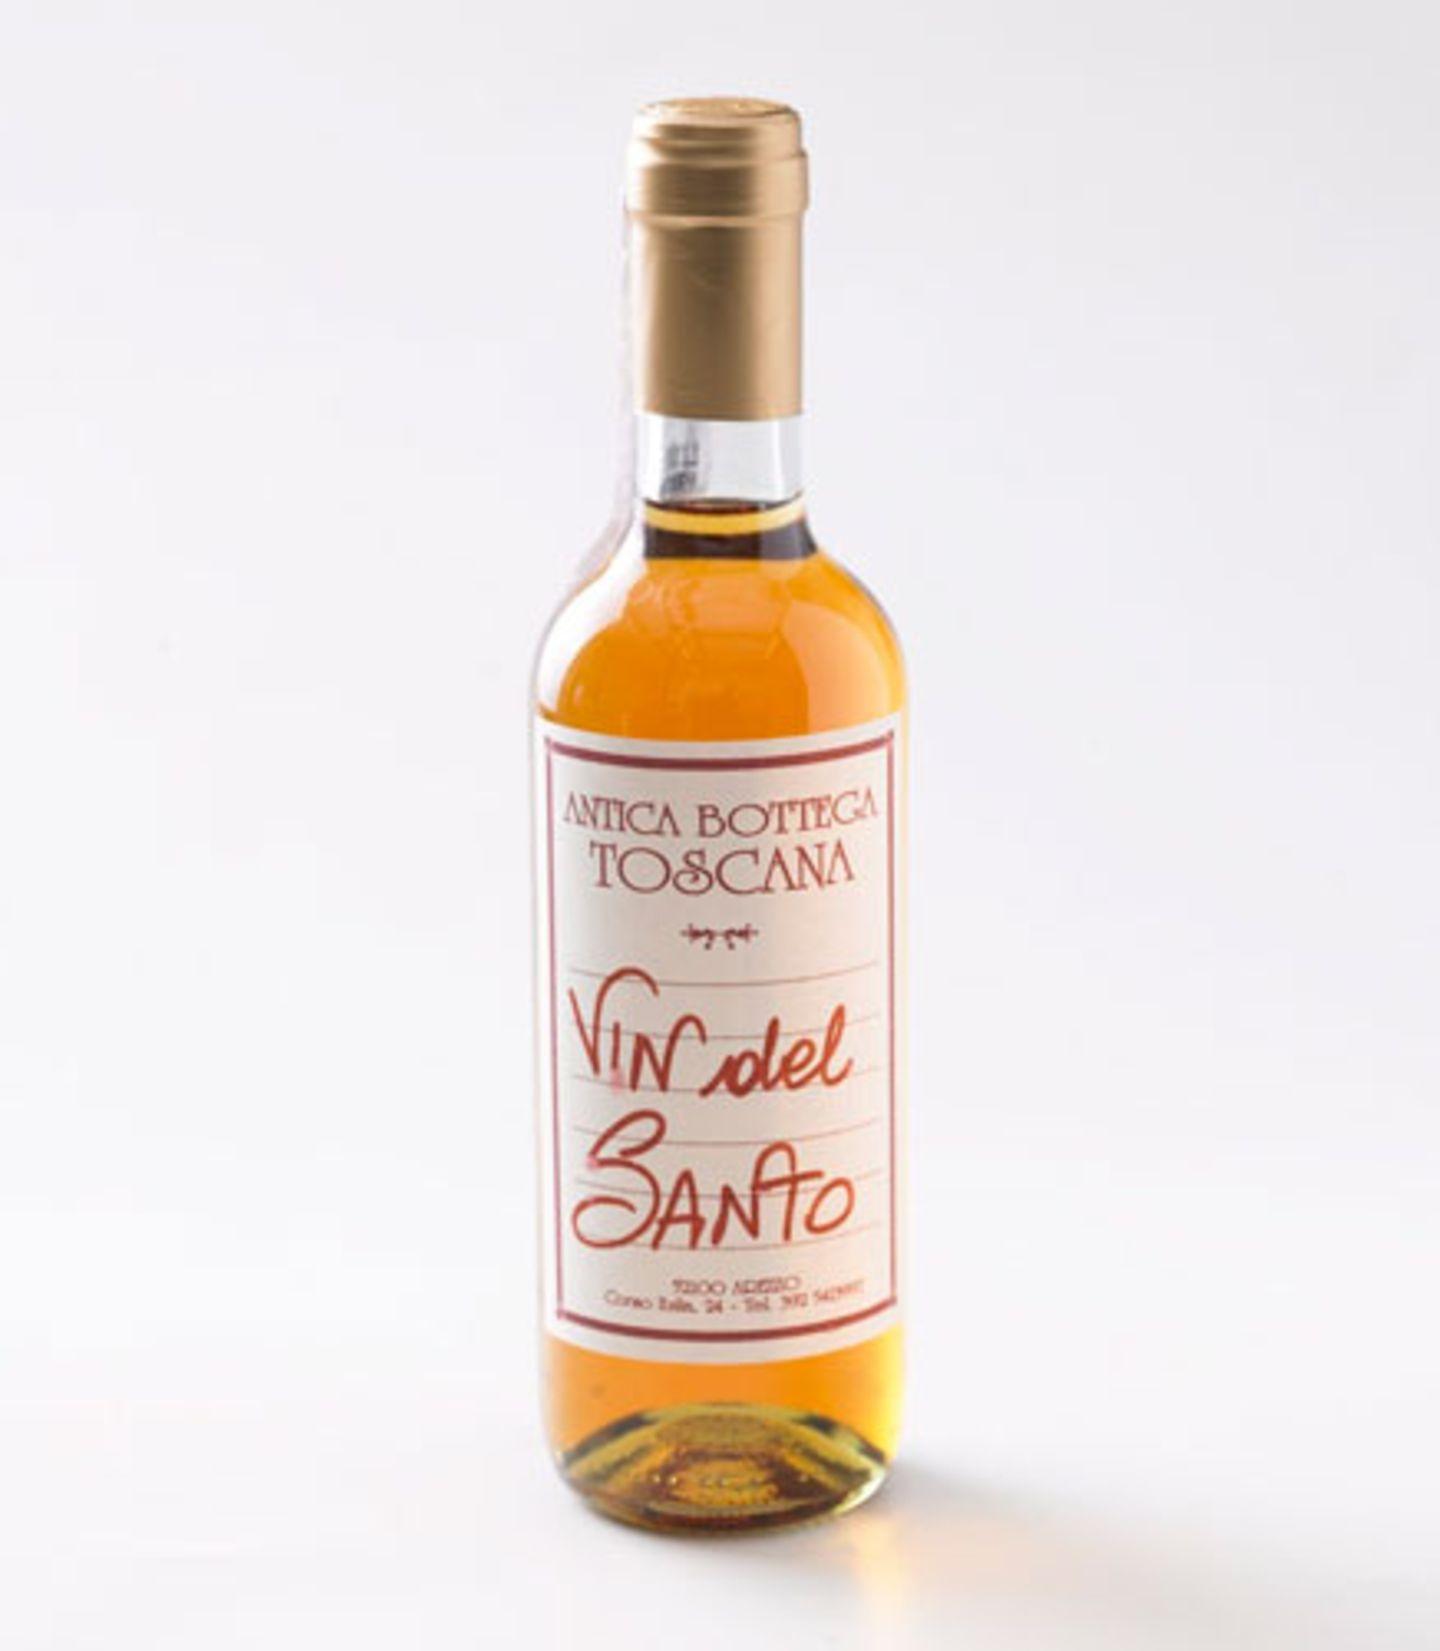 ... erst knusprig, dann weich, dann mischt sich das Mandelaroma mit dem Vin Santo, der an einen halbtrockenen Sherry erinnert - ein Gesamtkunstwerk, dessen Geheimnis darin liegt, in aller Schlichtheit die richtigen Dingen zusammen zu fügen. Und darin sind Italiener einfach Weltmeister.